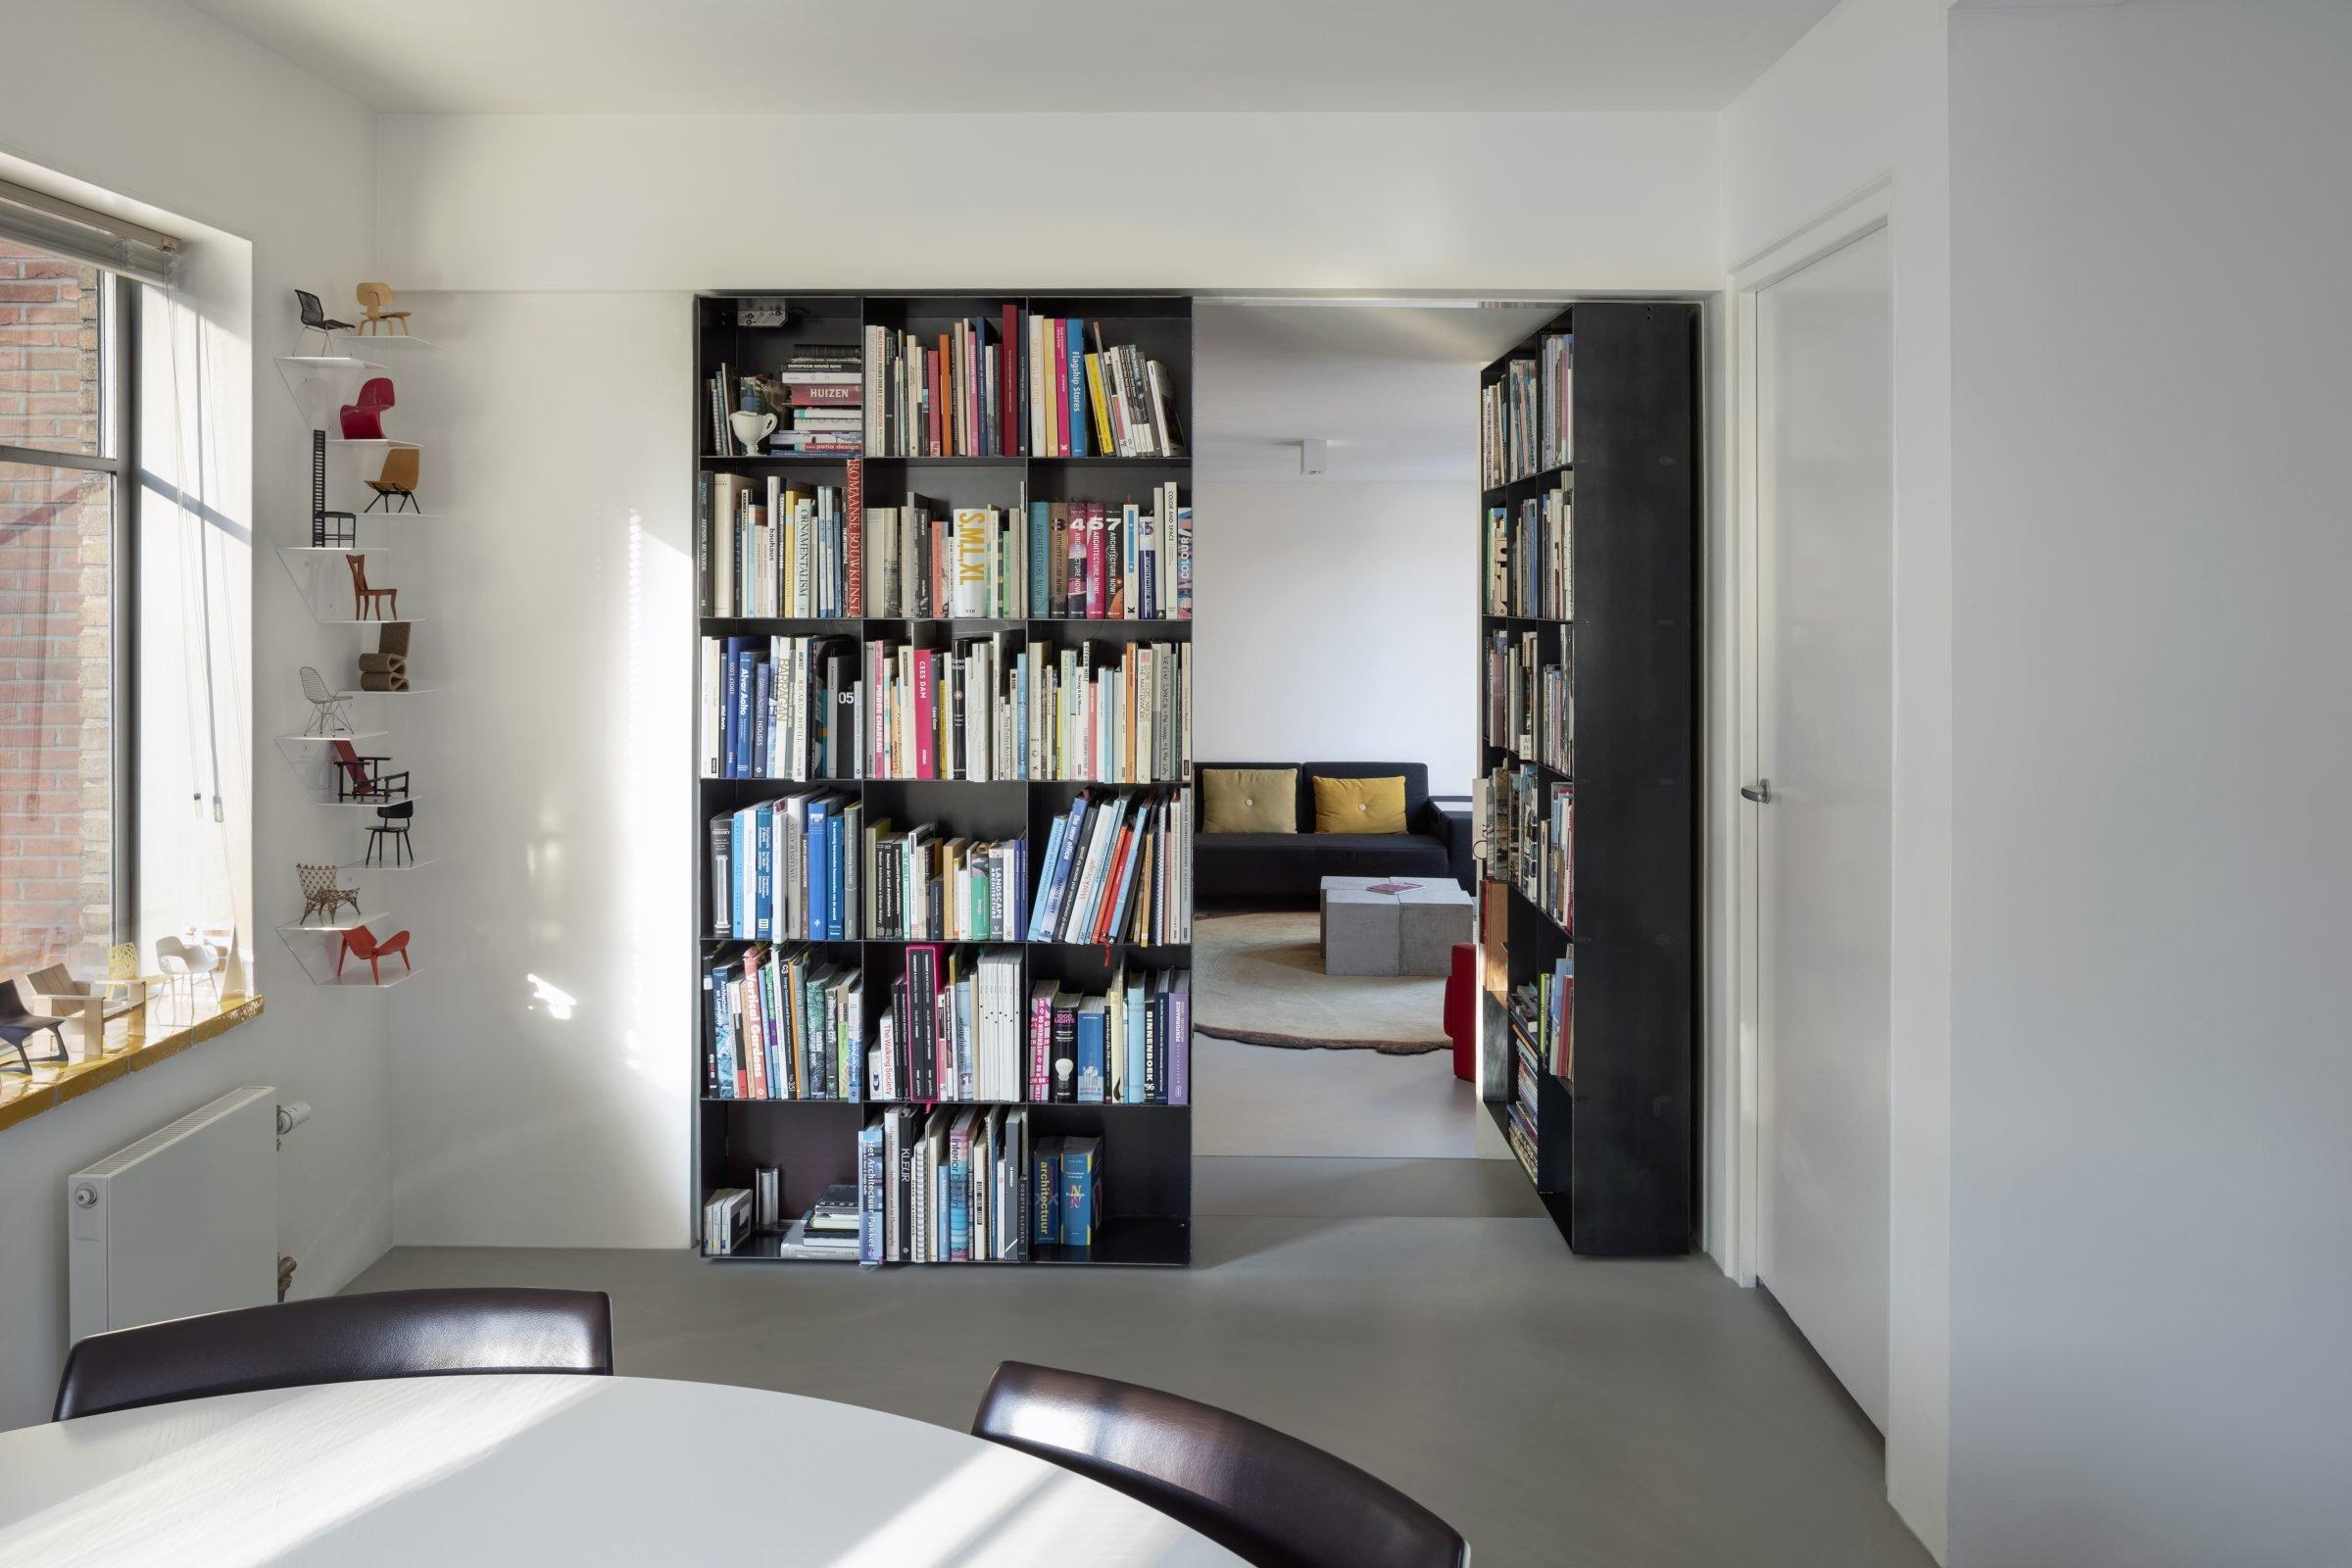 secret-pivoting-bookcase-with-fritsjurgens-pivot-hinge-system-right-door-opened-e1574332160430.jpg